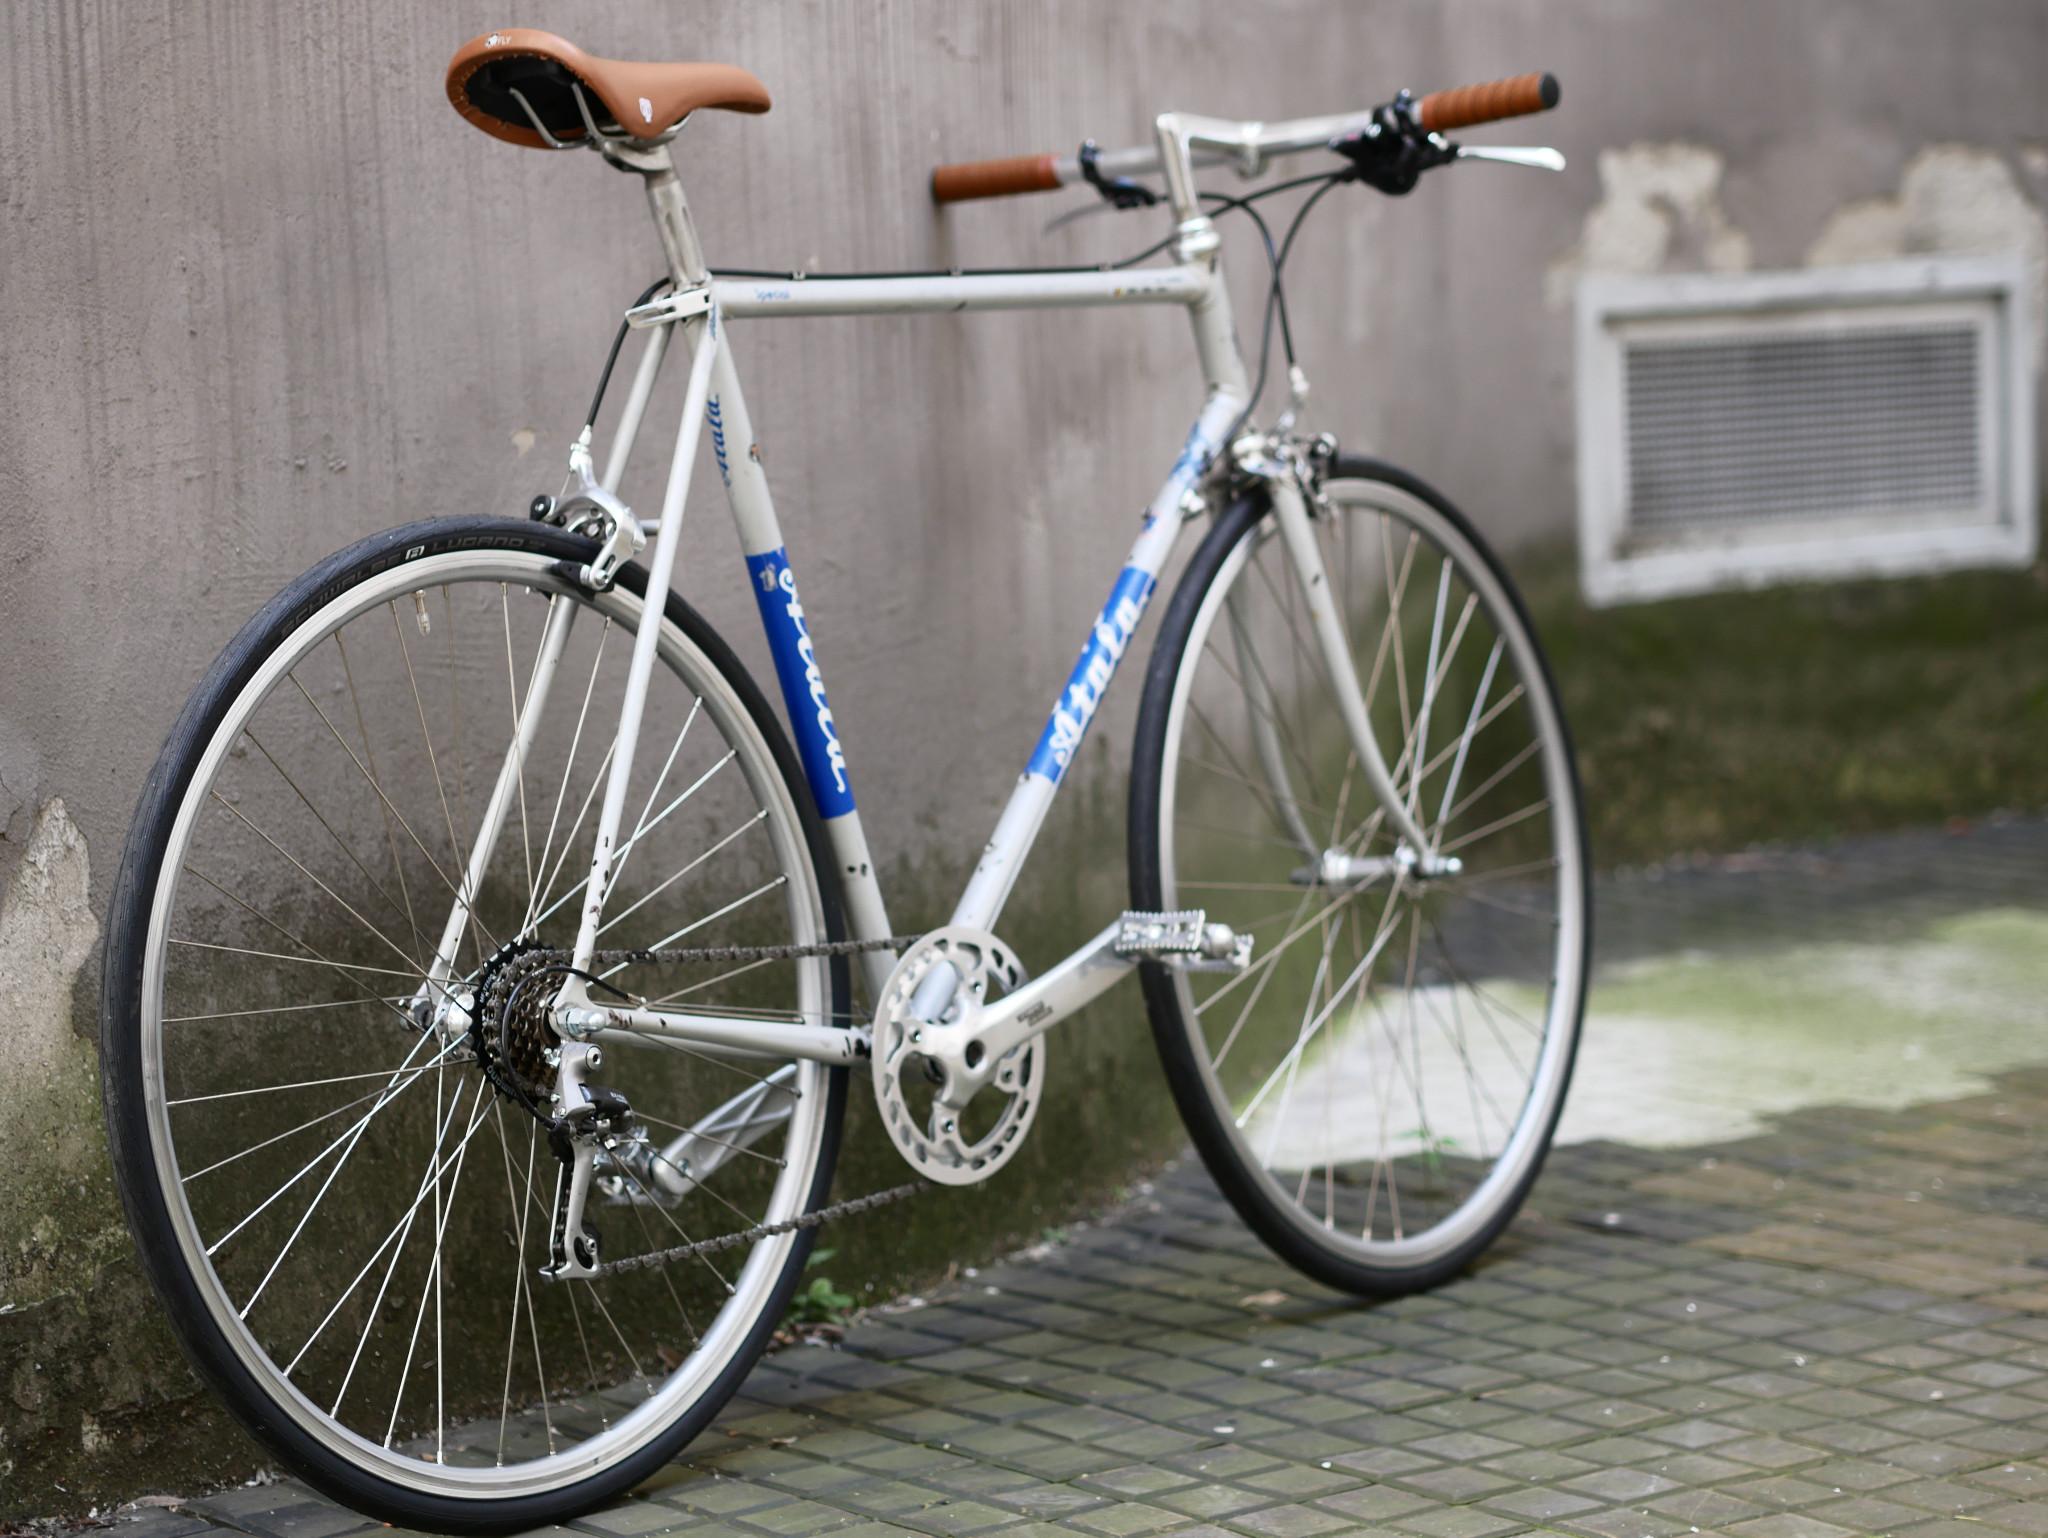 P1110676 - Atala Special